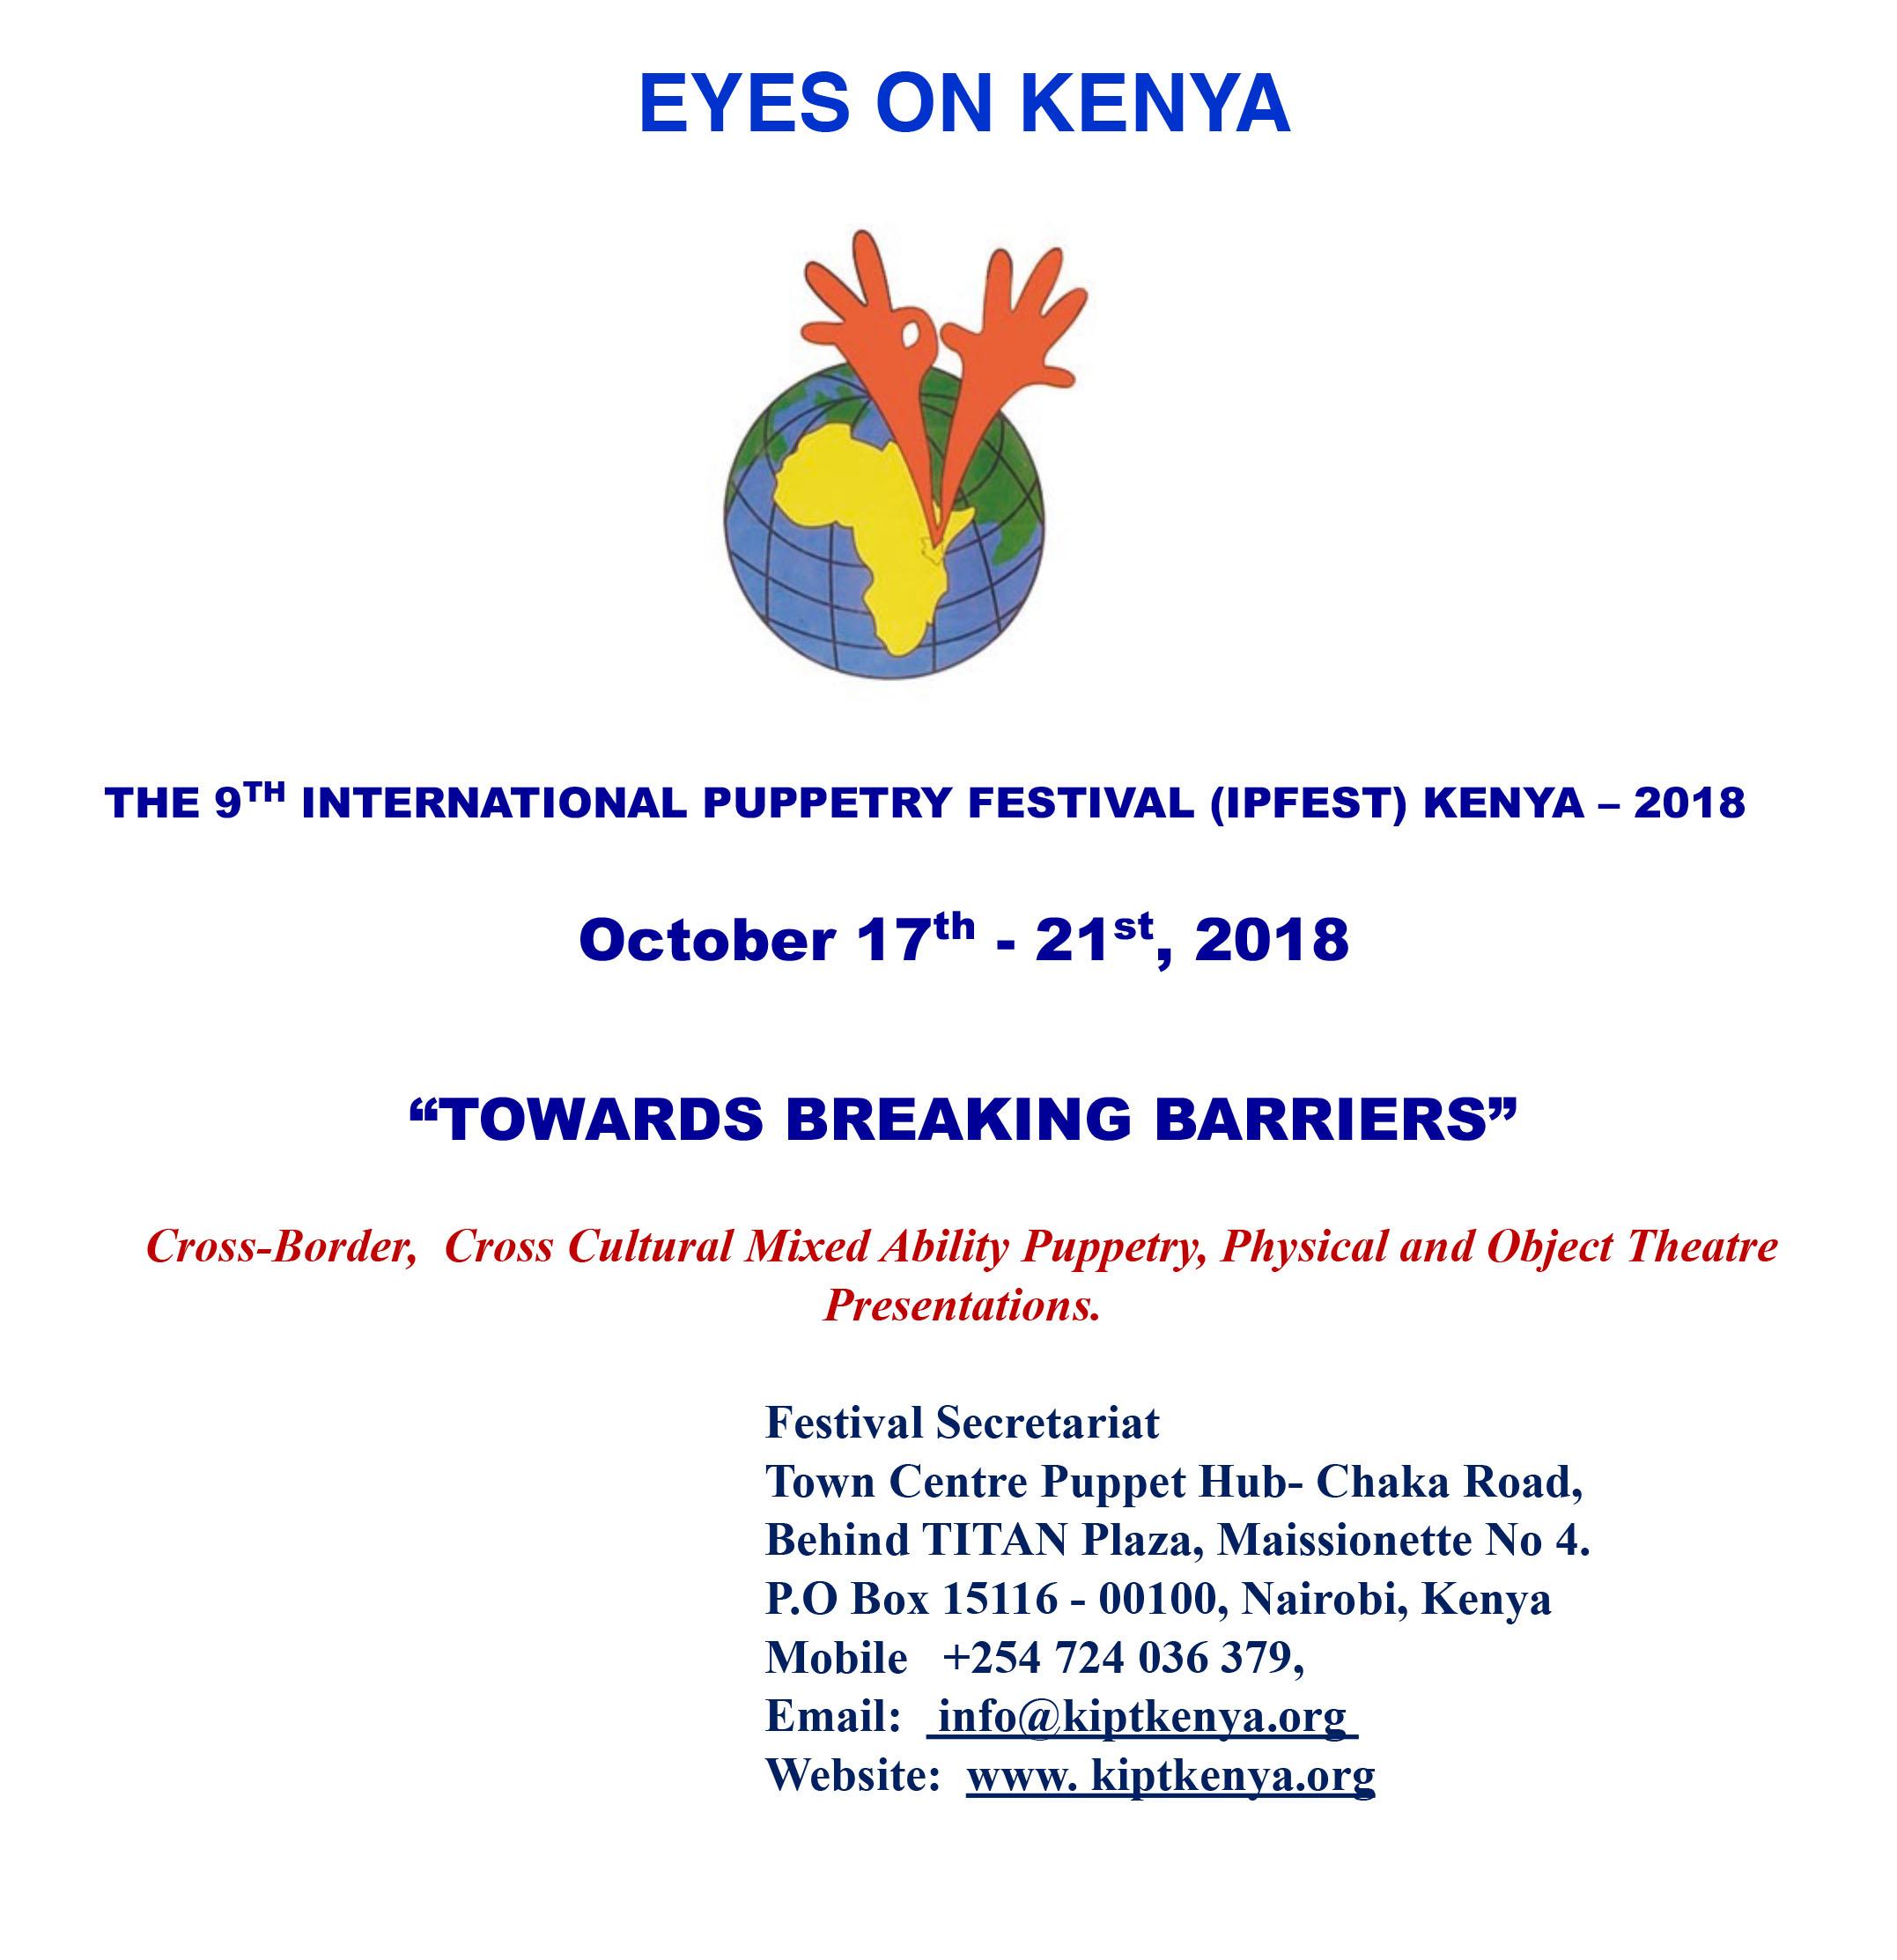 EYES ON KENYA.jpg